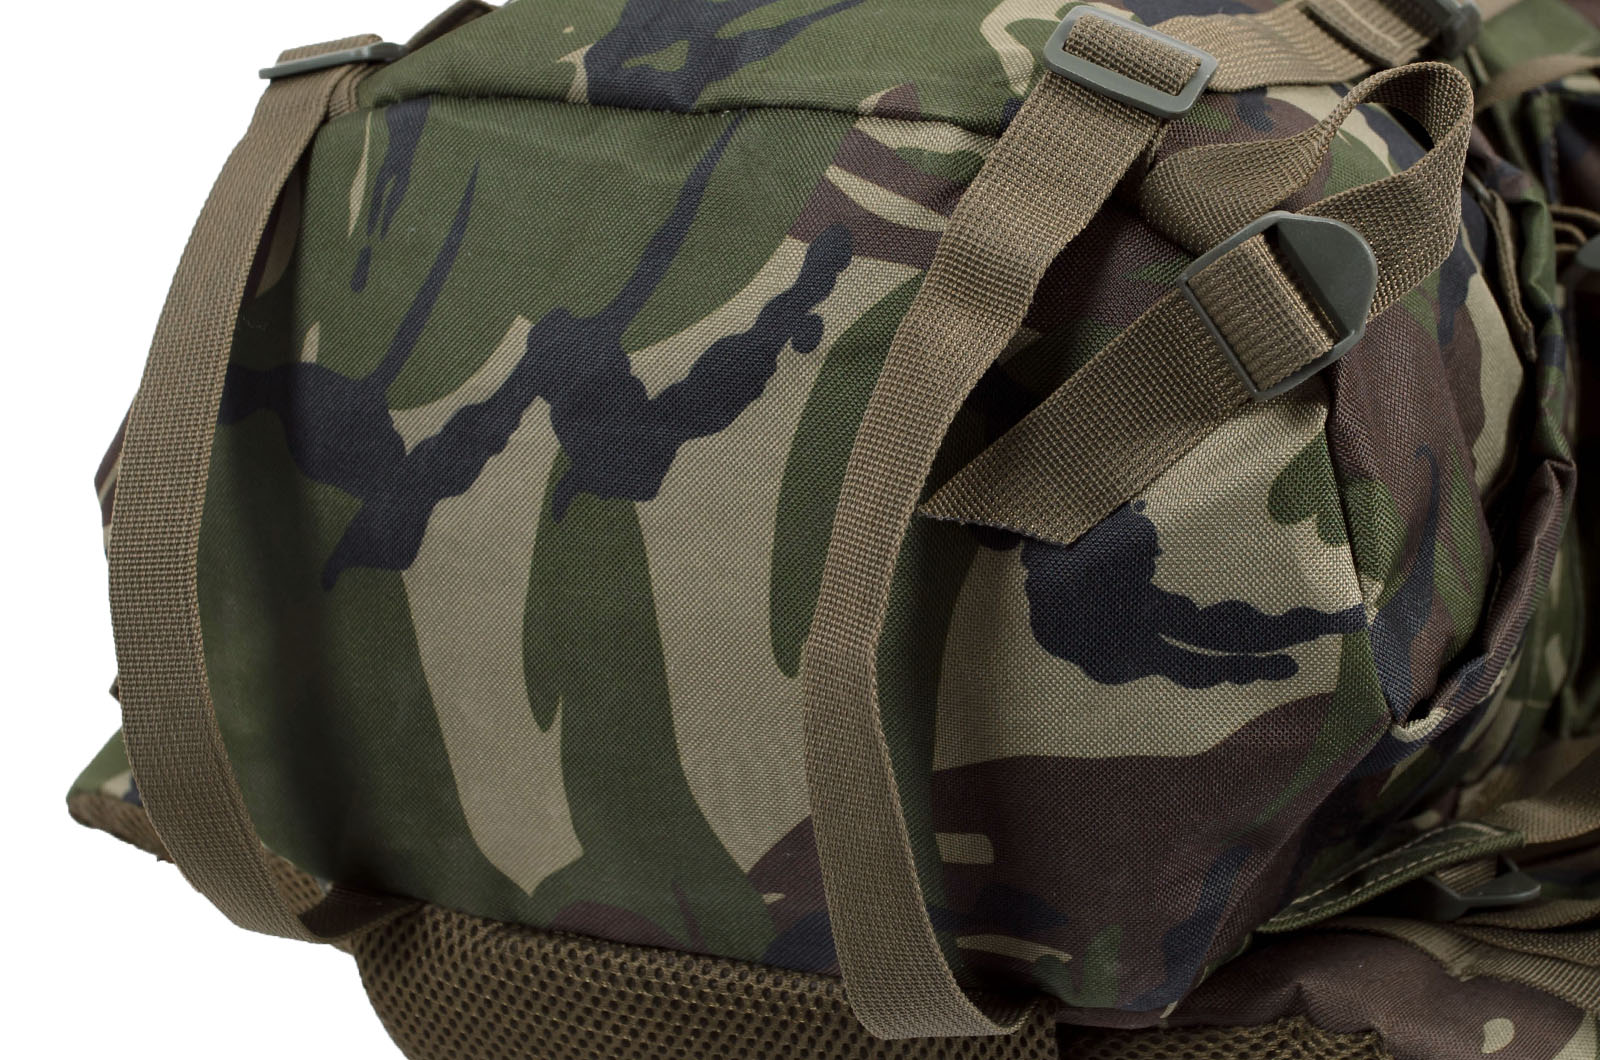 Походный трендовый рюкзак с нашивкой Охотничий Спецназ - заказать выгодно